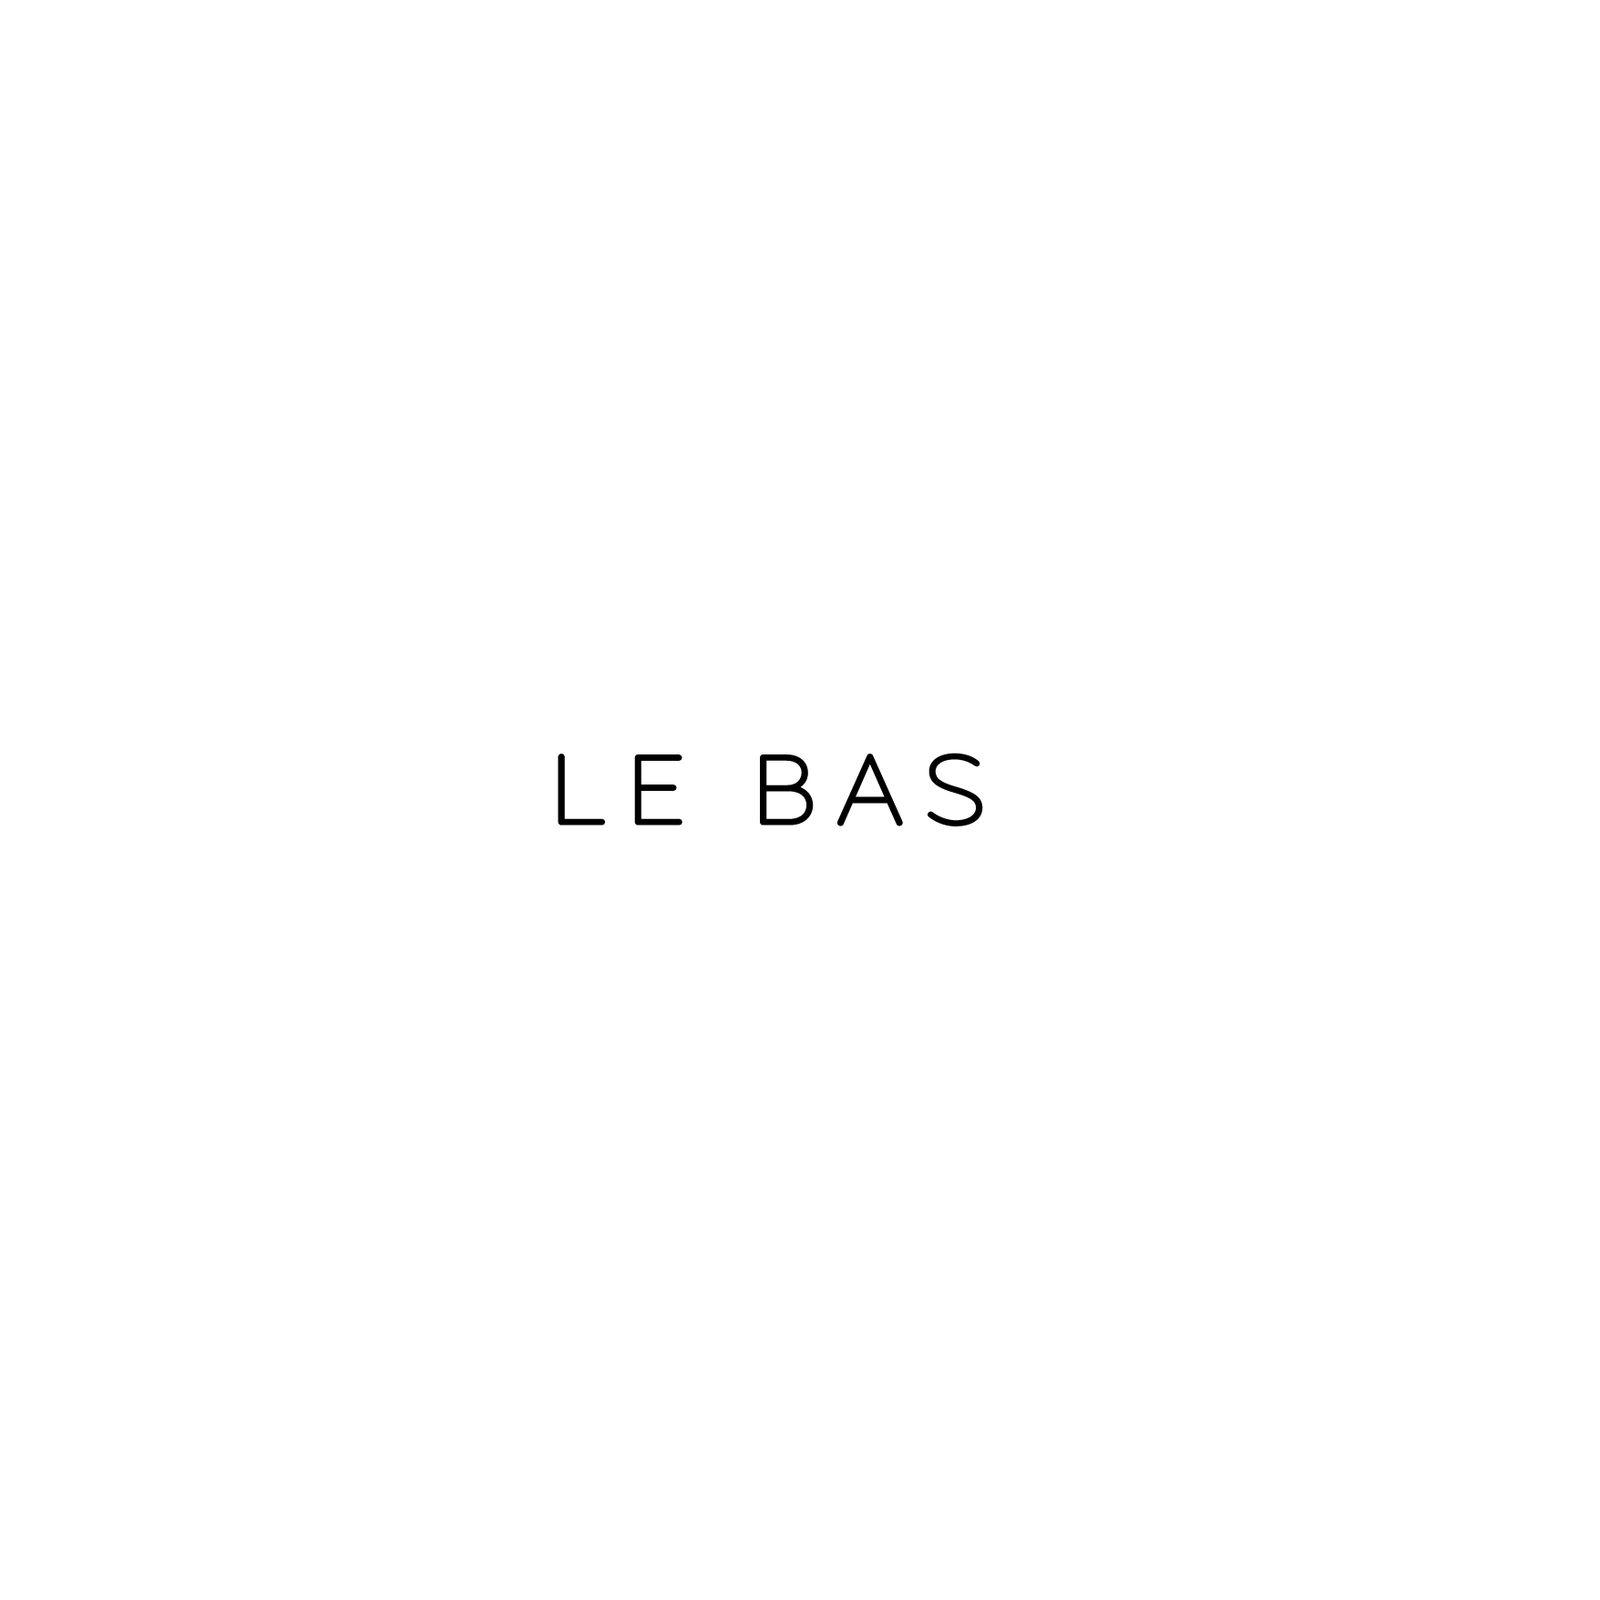 LE BAS